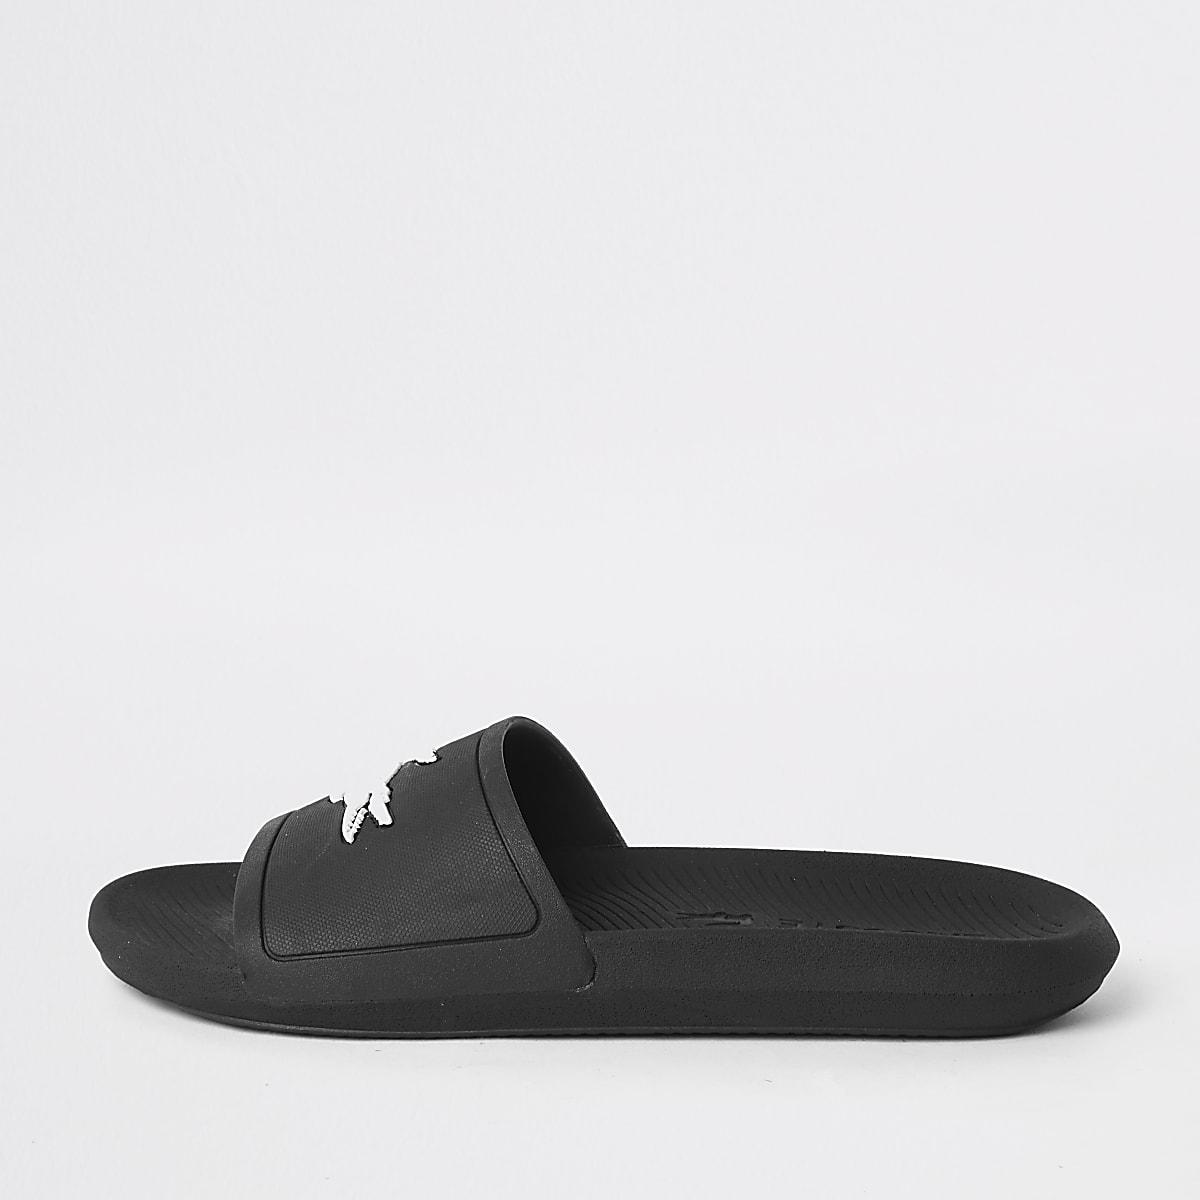 Lacoste - Zwarte slippers met reliëf